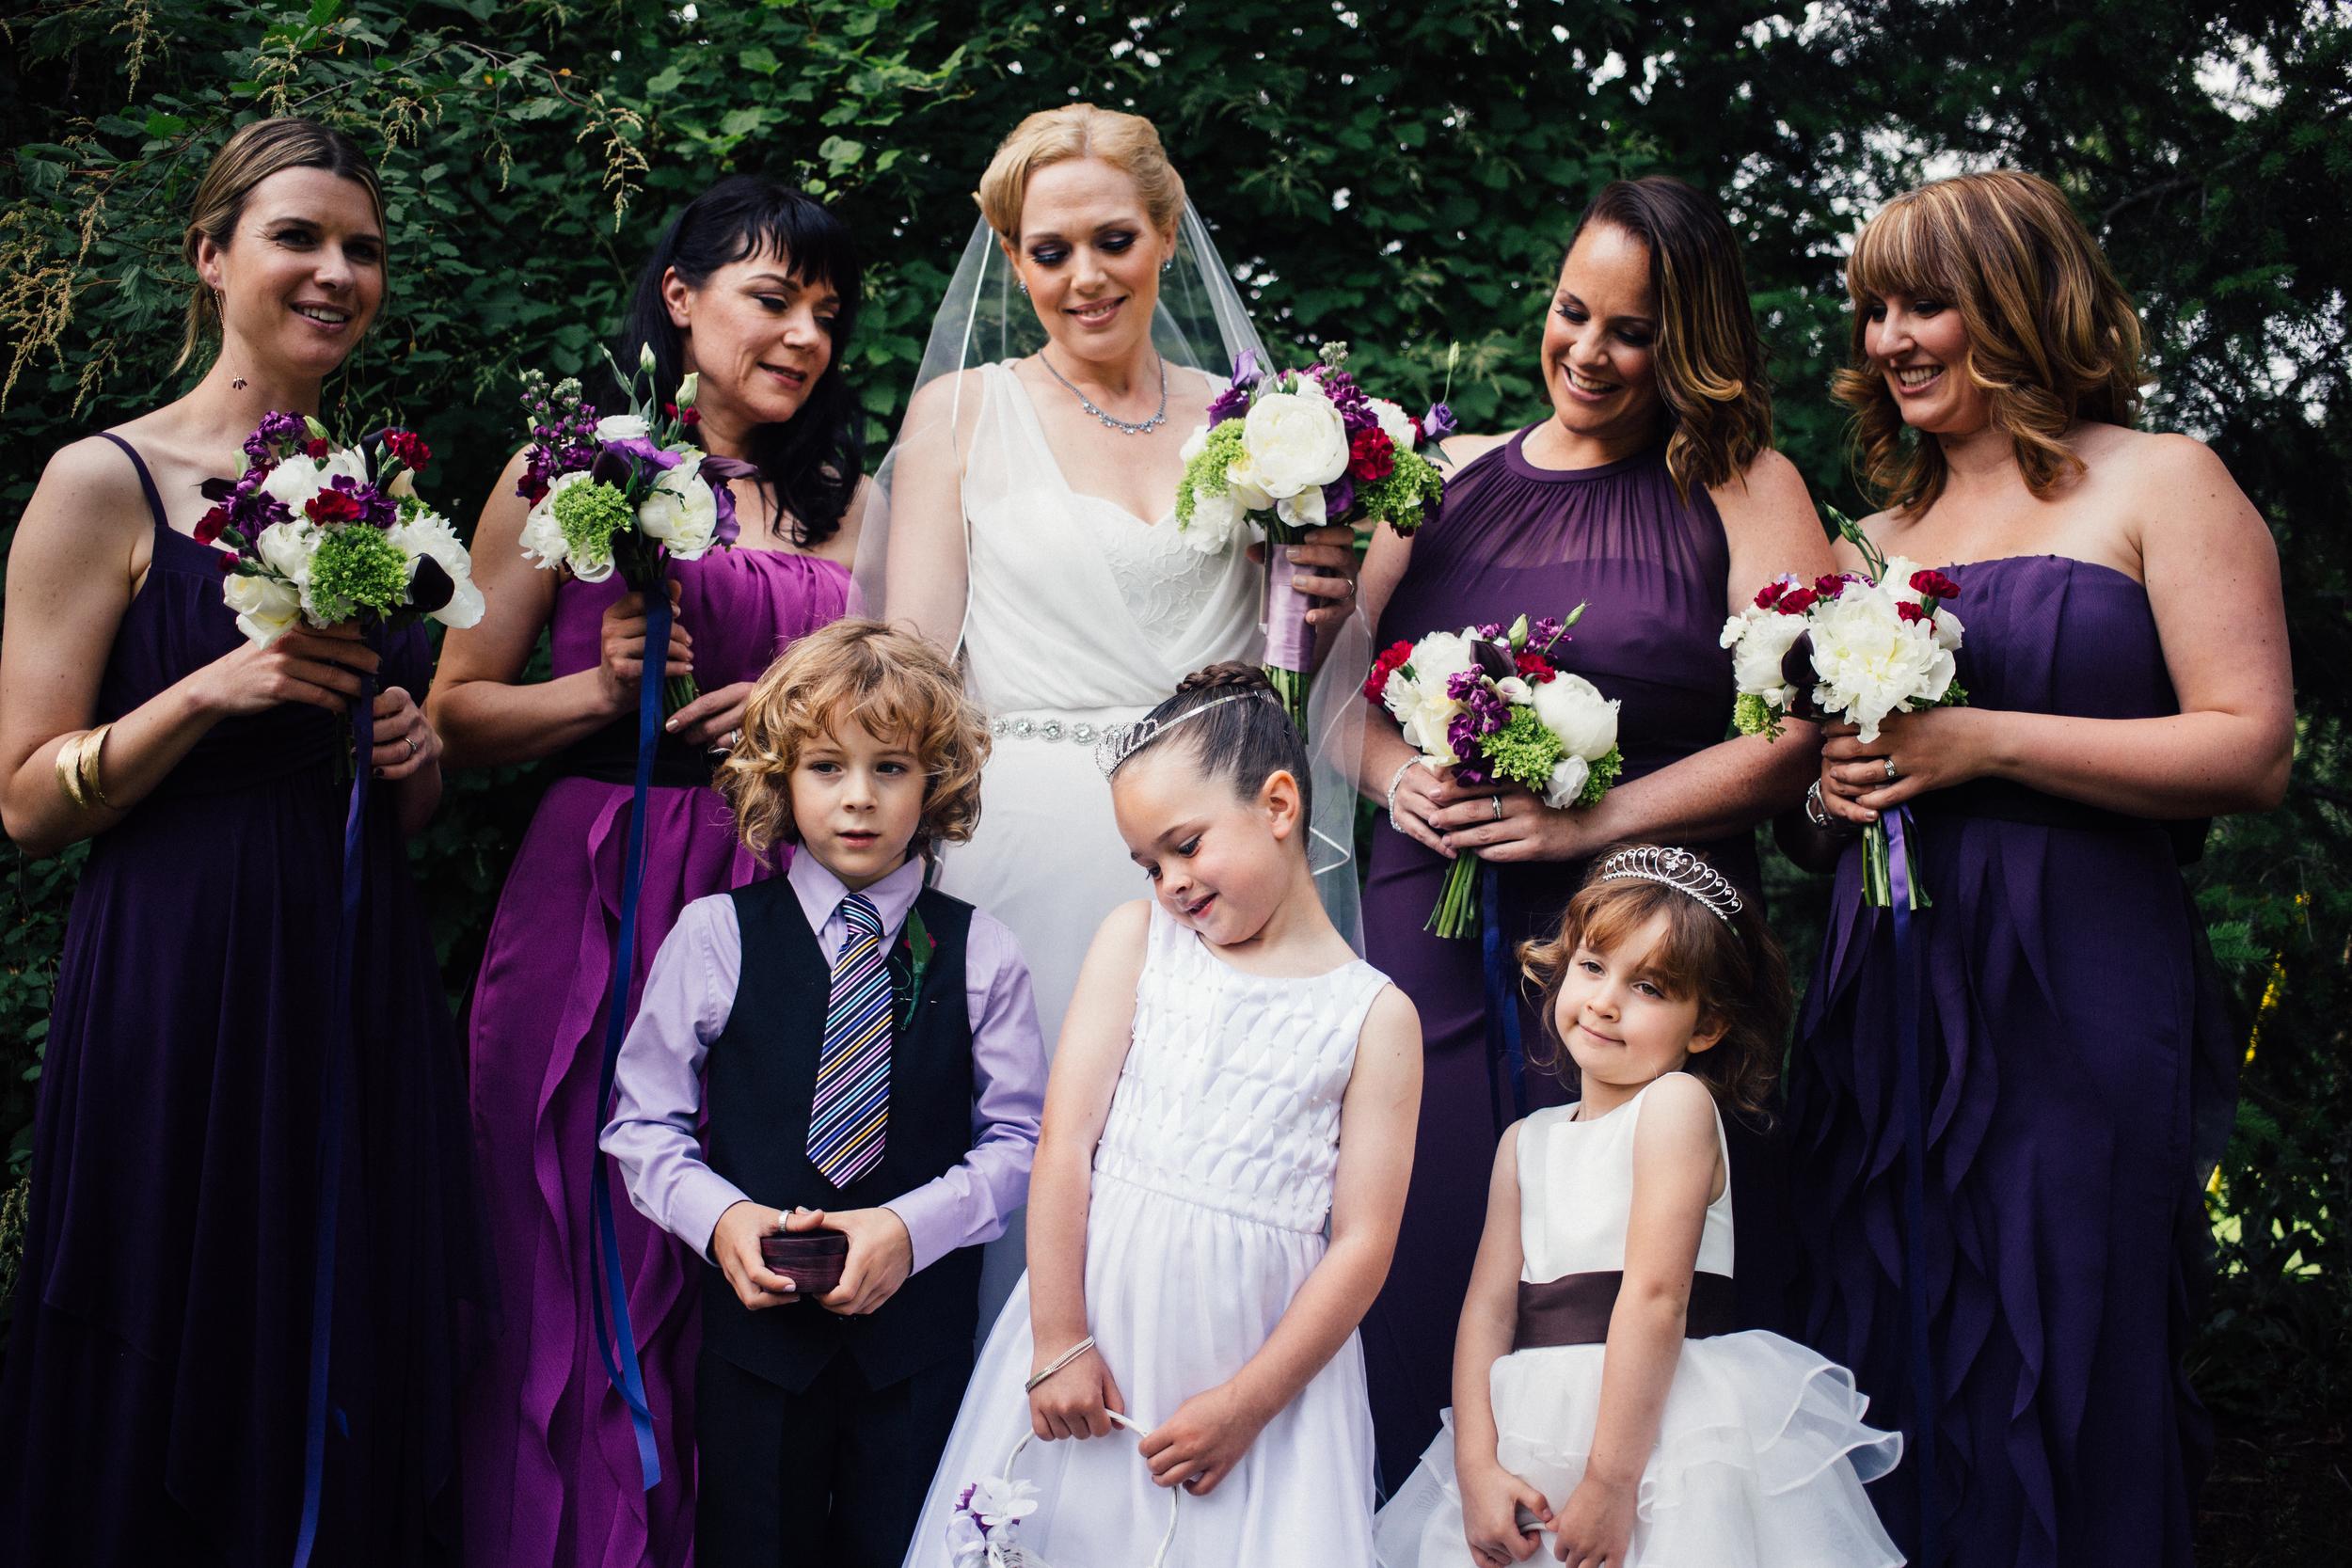 dogwoodphotography_photographer_vancouver_wedding_kimberley (19 of 180).jpg